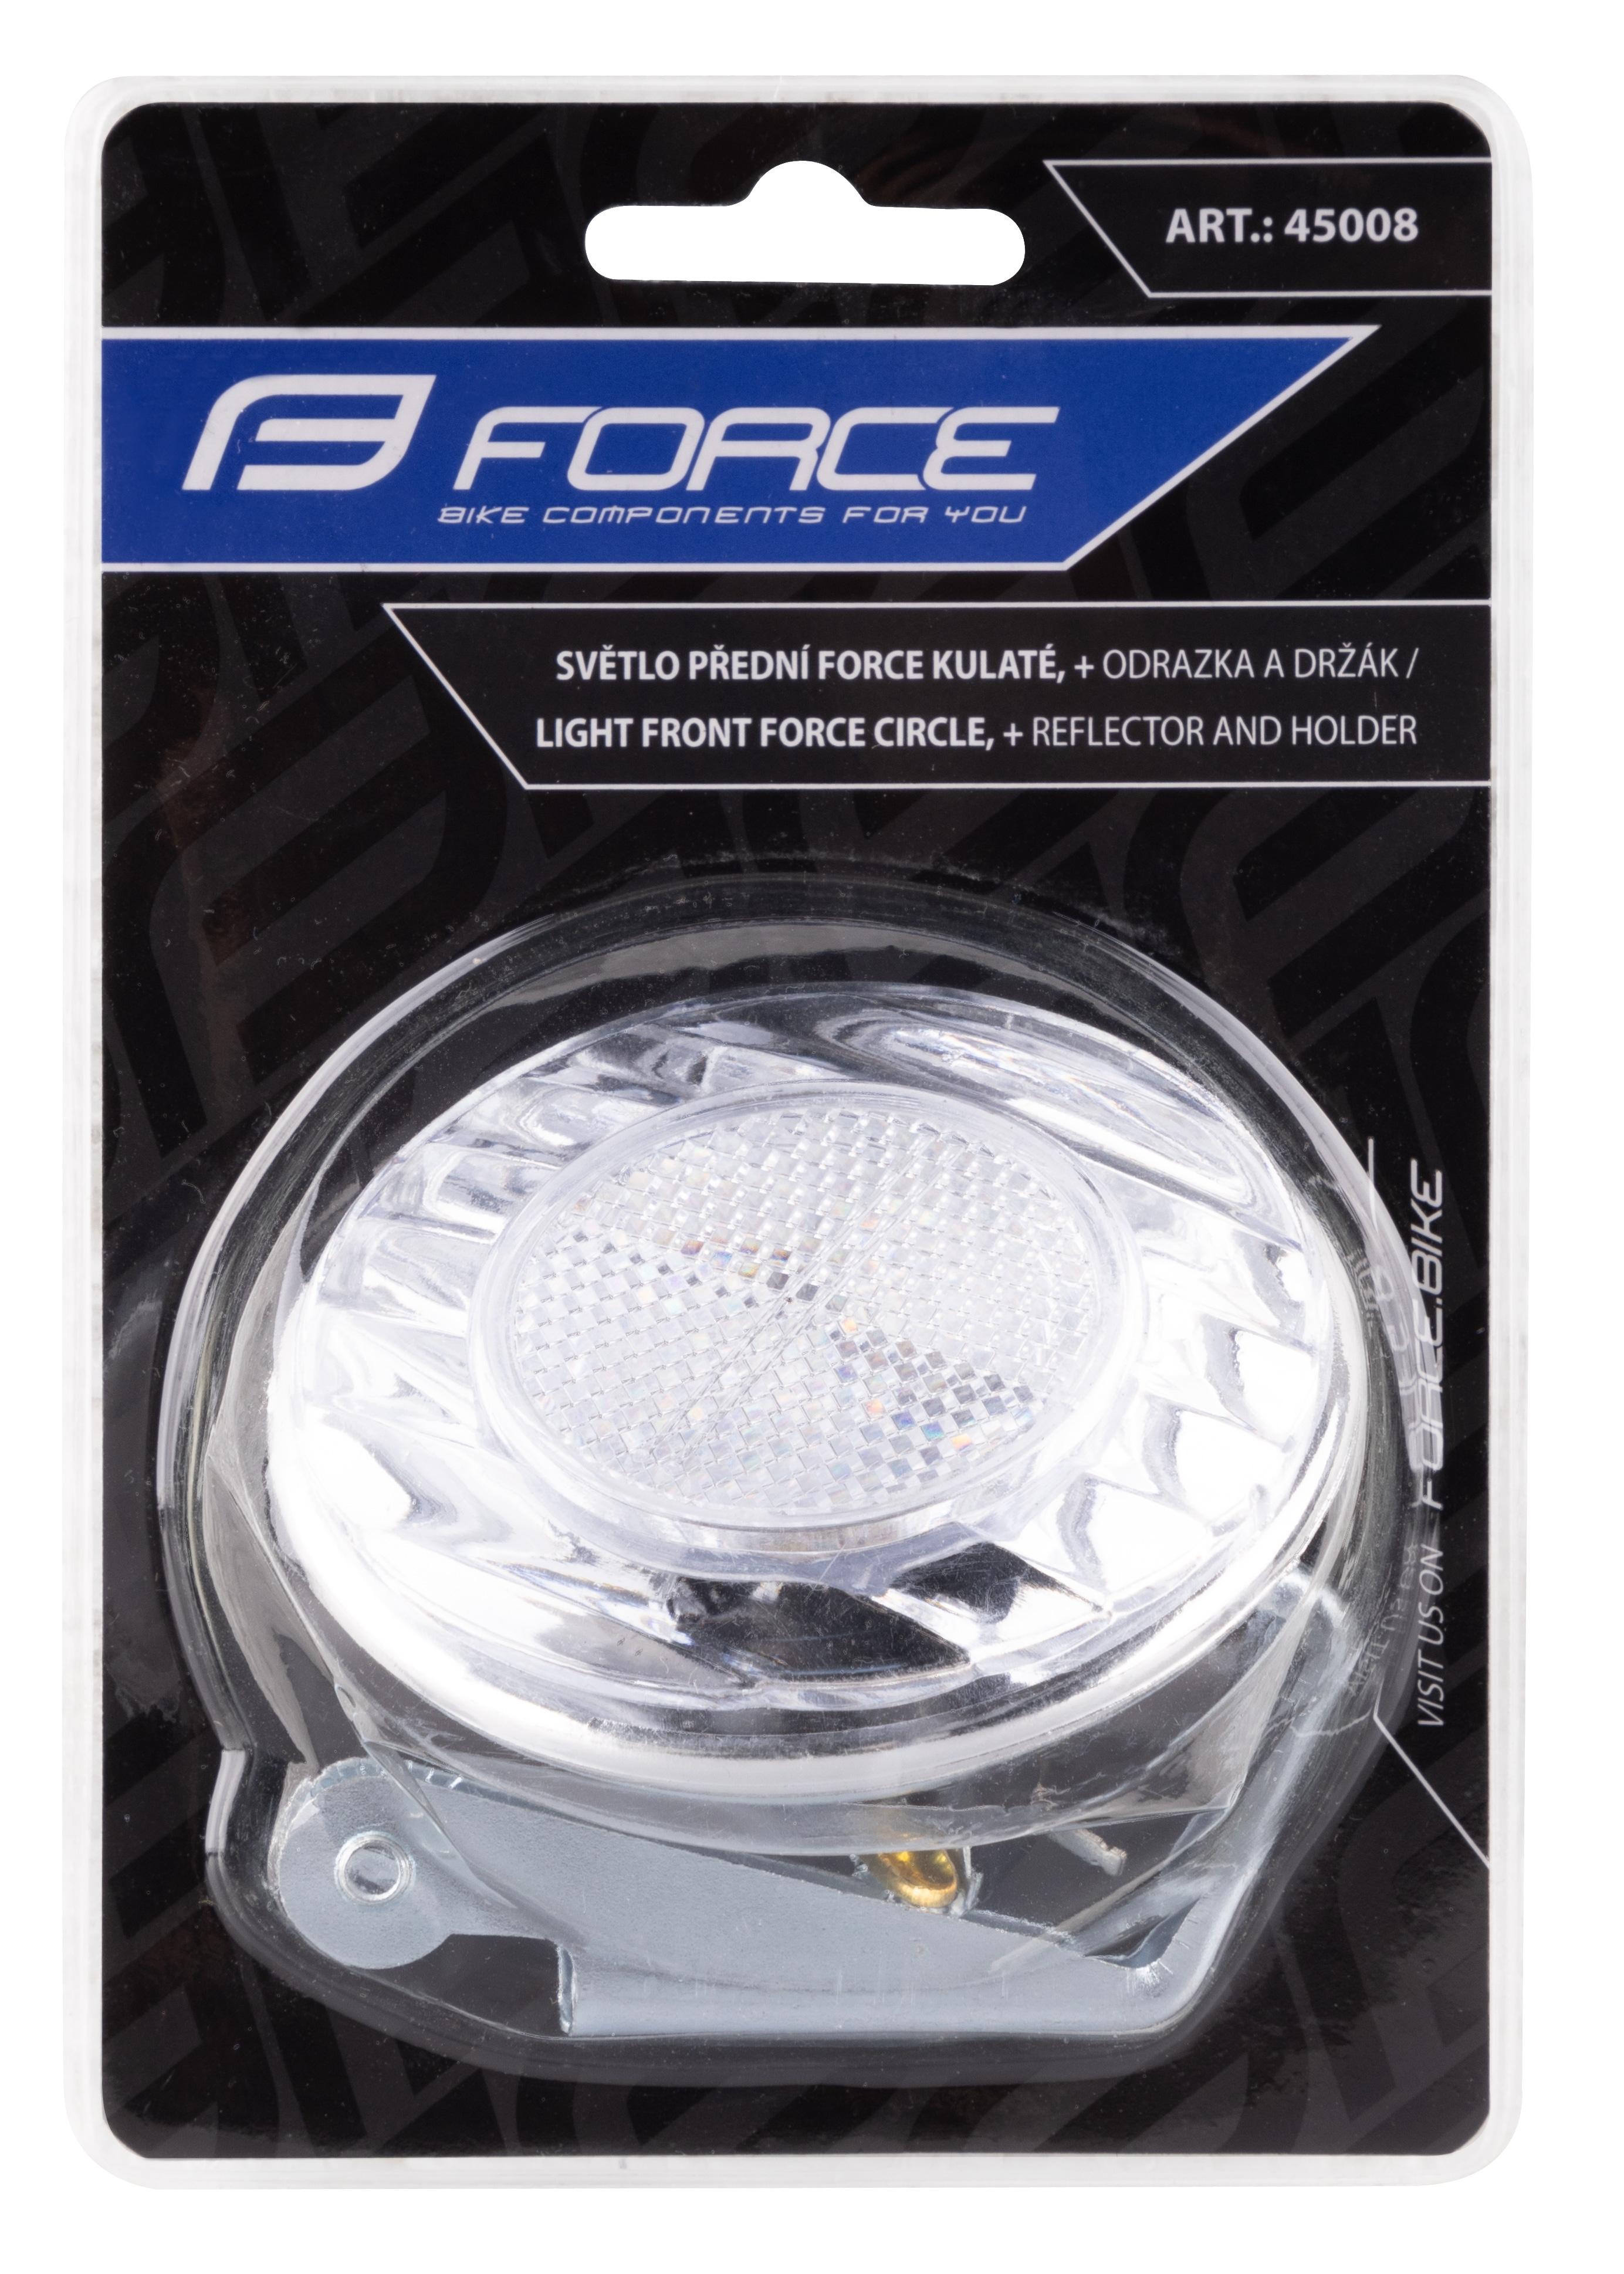 Světlo přední FORCE kulaté 7cm + odrazka a držák